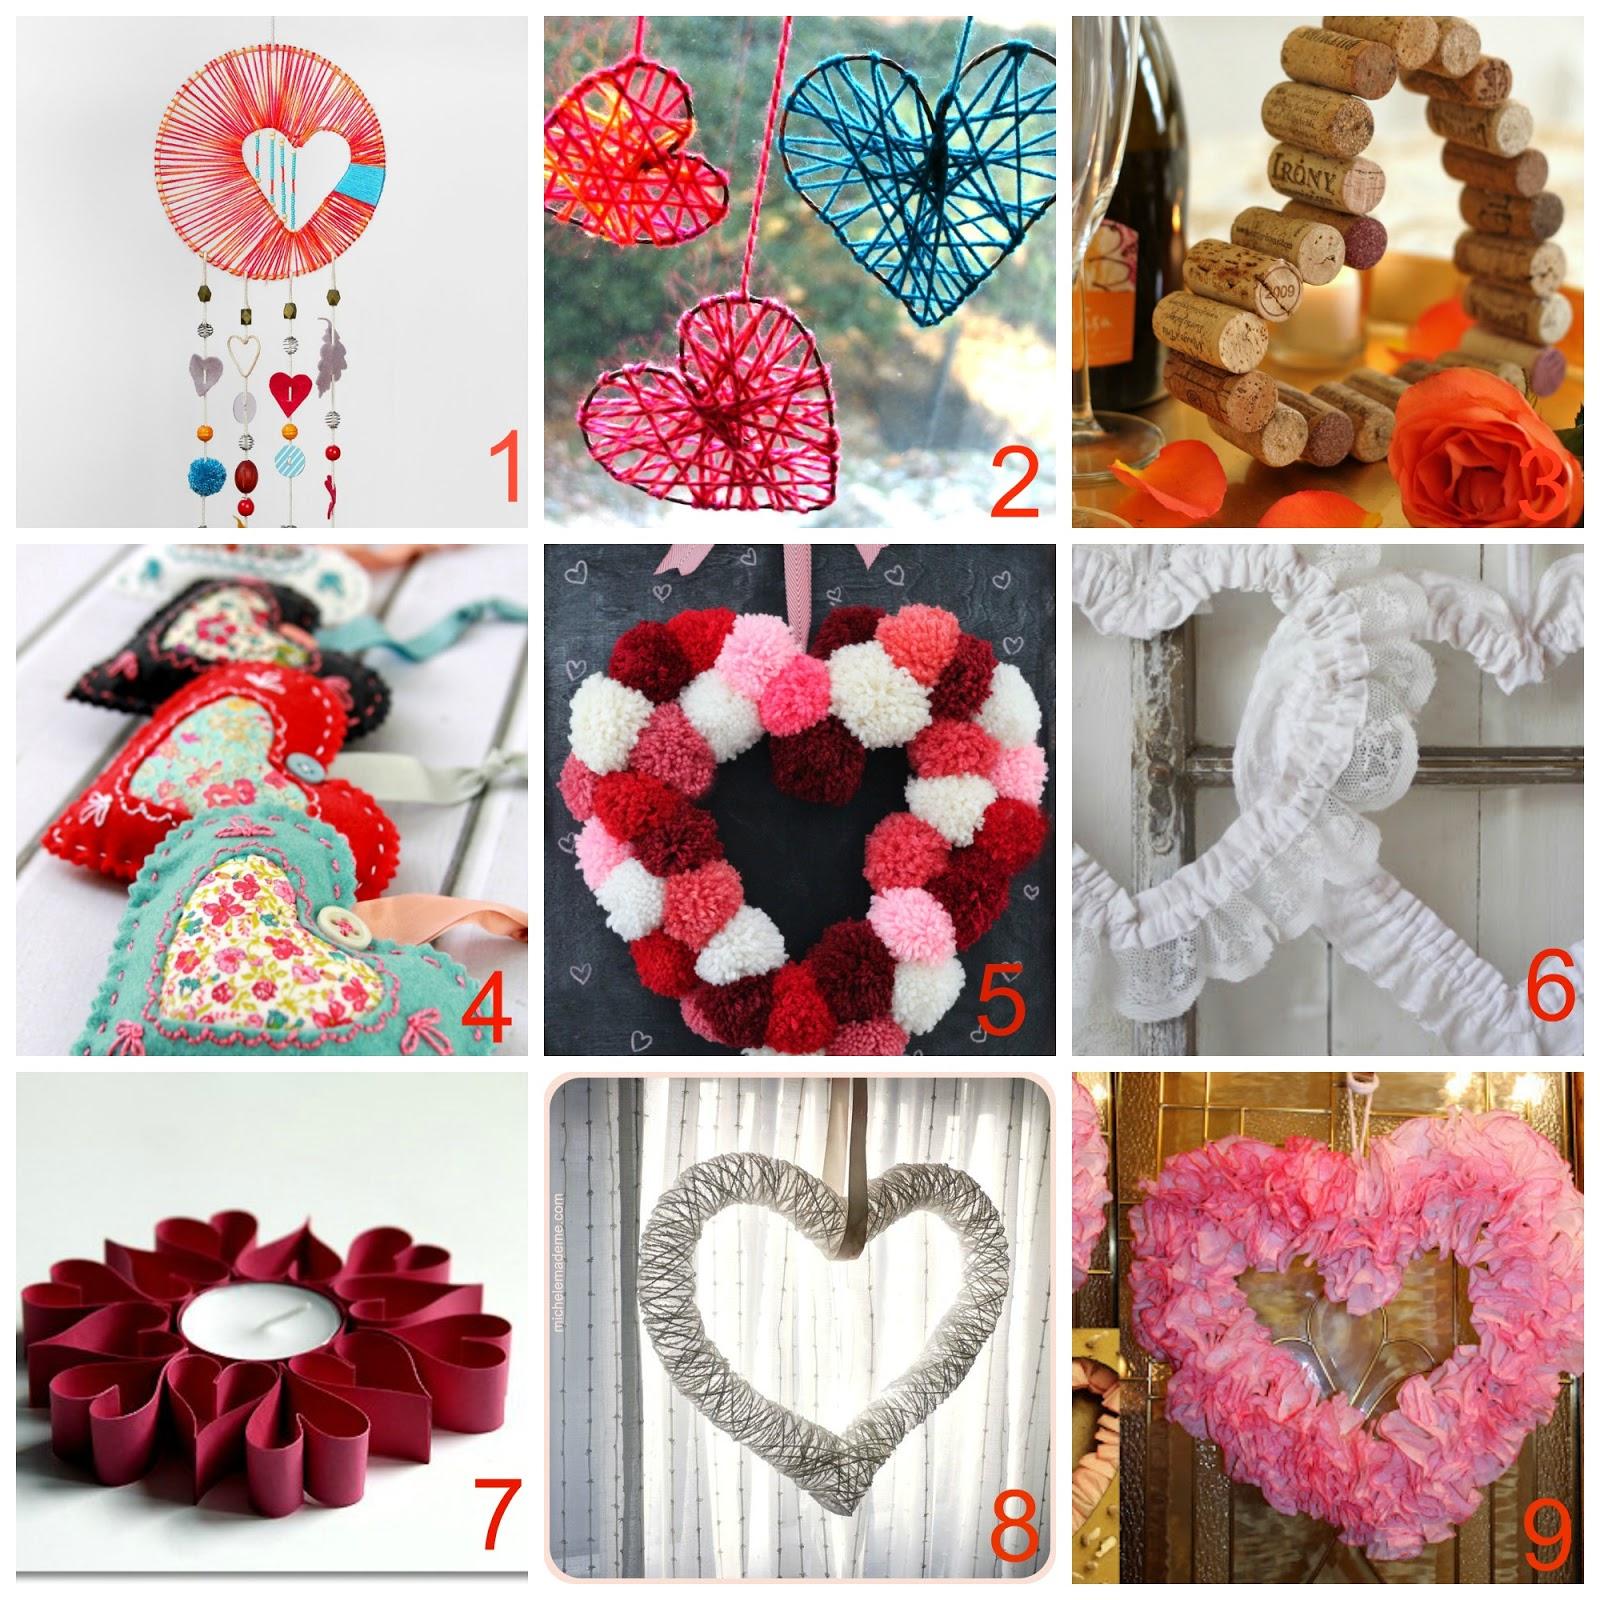 10 decorazioni fai da te a forma di cuore donneinpink - Decorazioni san valentino fai da te ...